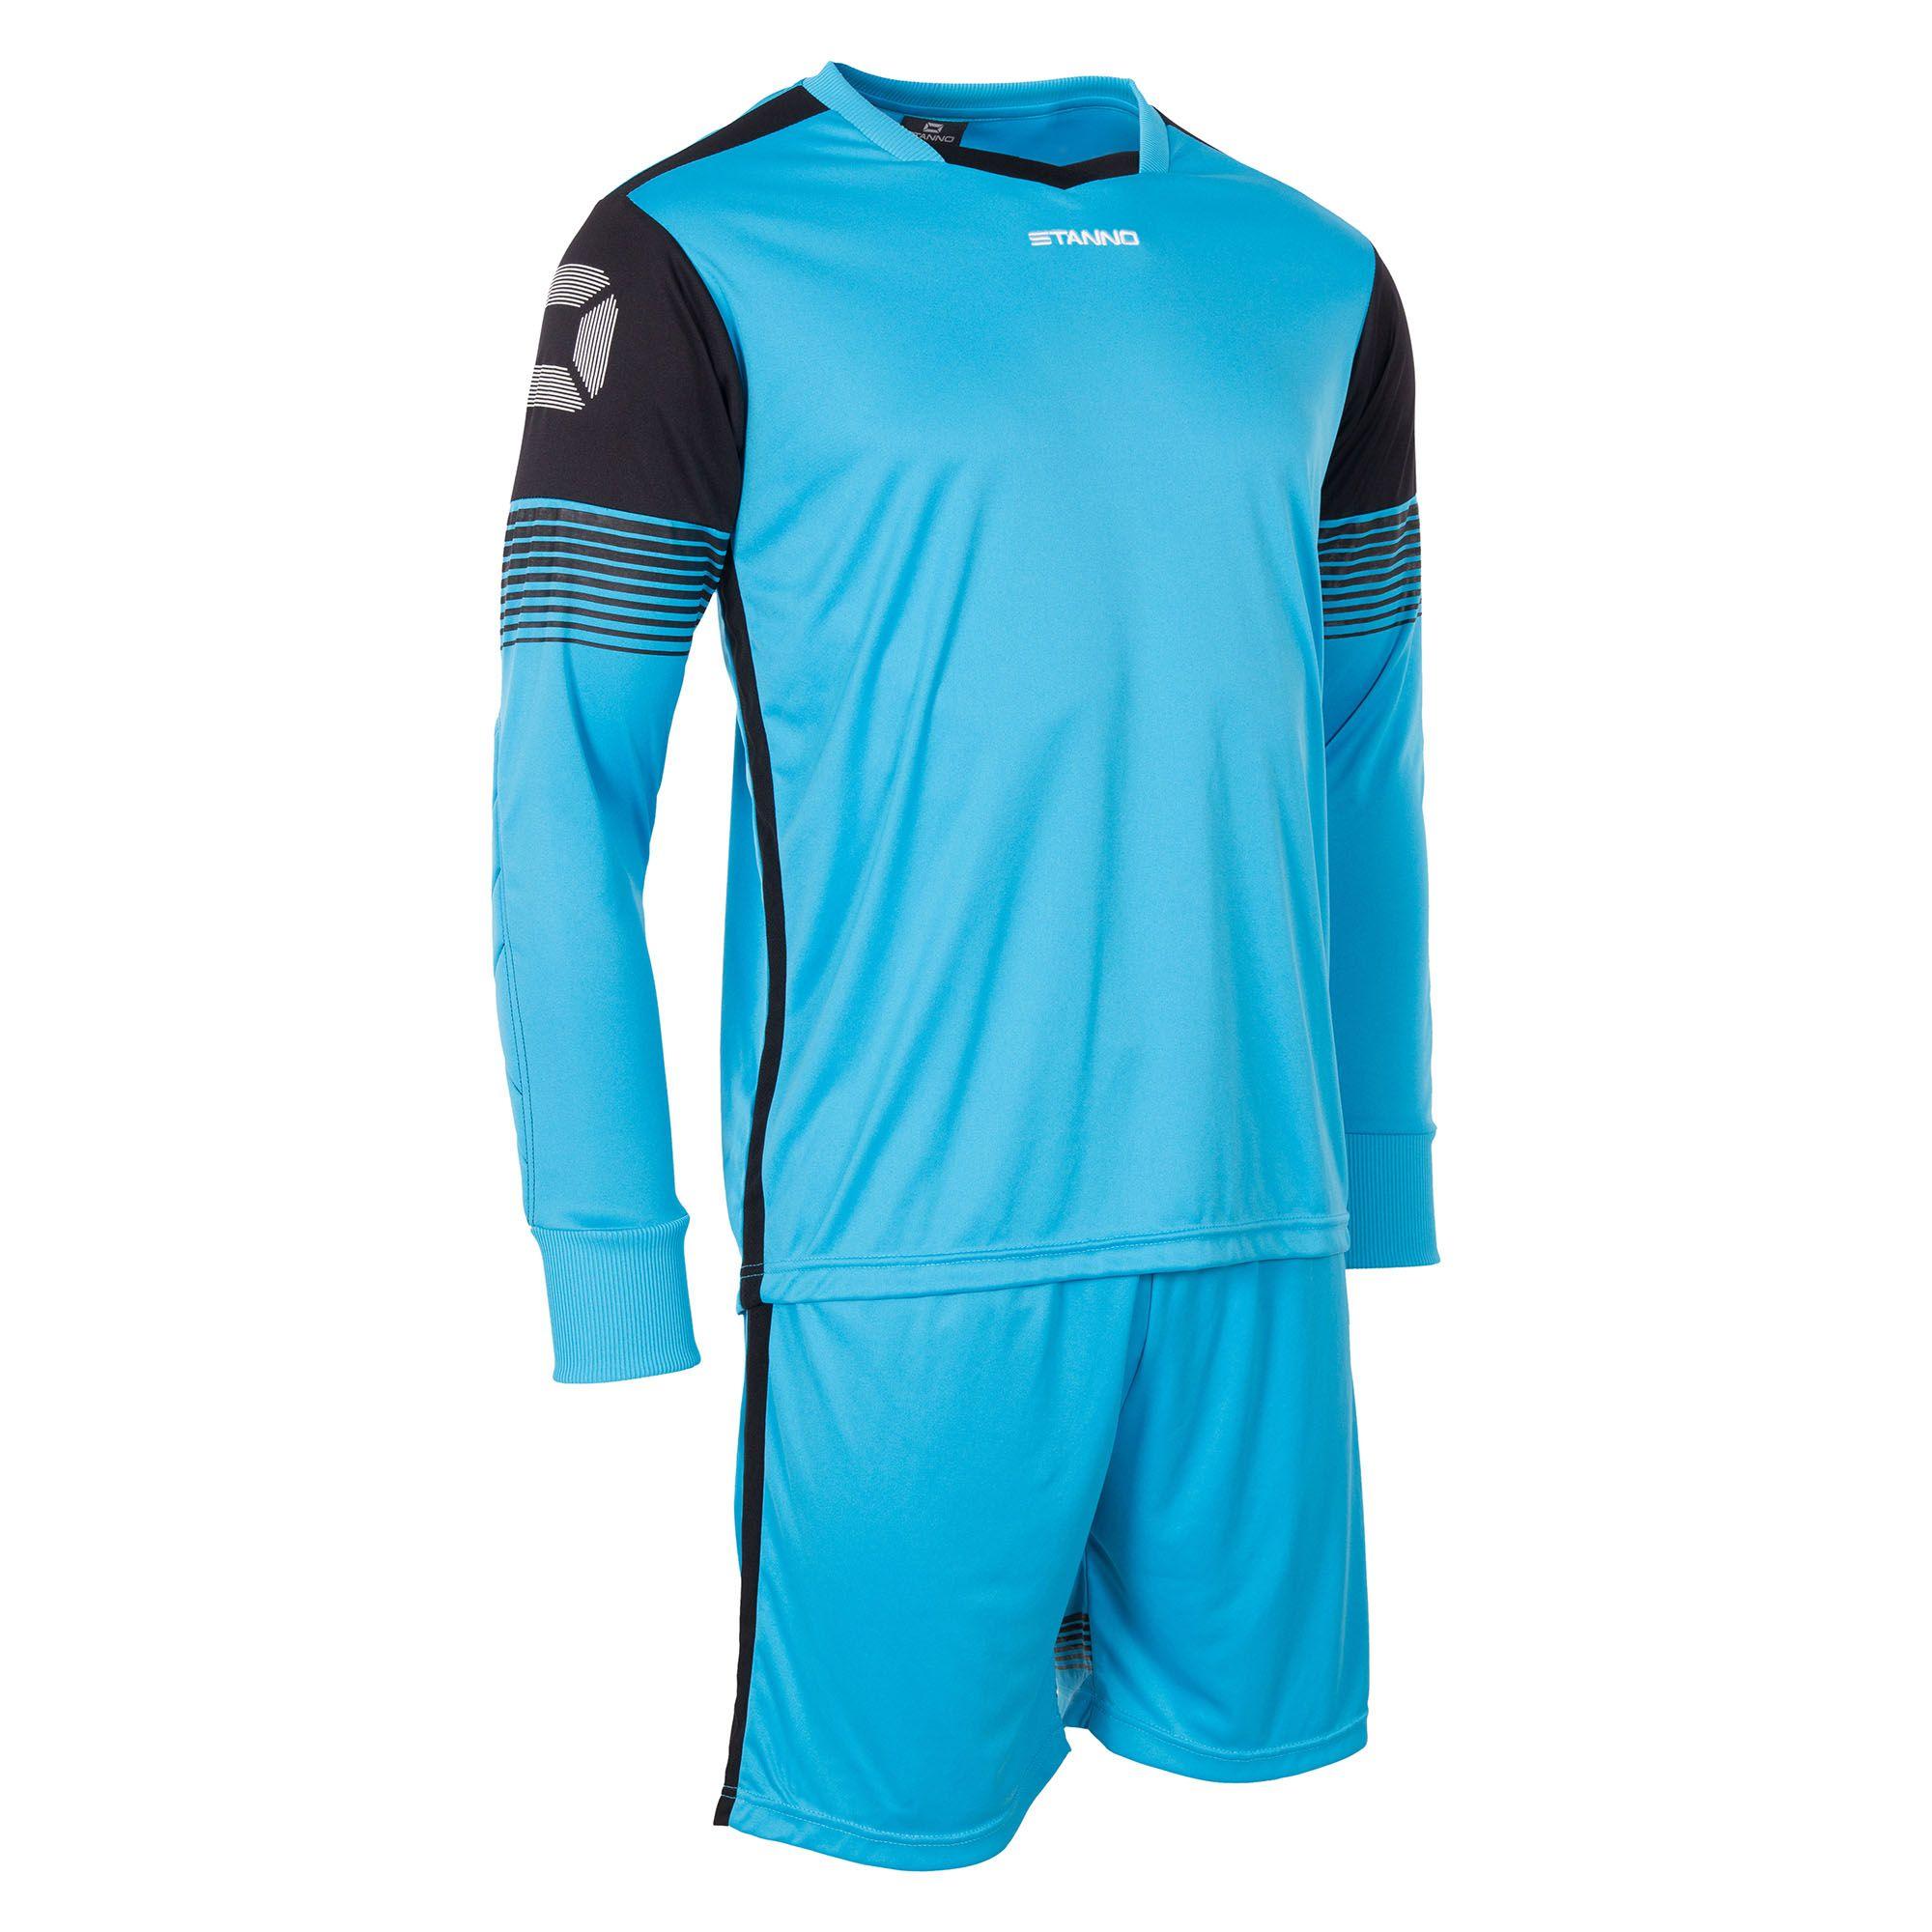 b4a95c7e738 Nitro Goalkeeper Set-415000-5970-128--Stanno.com